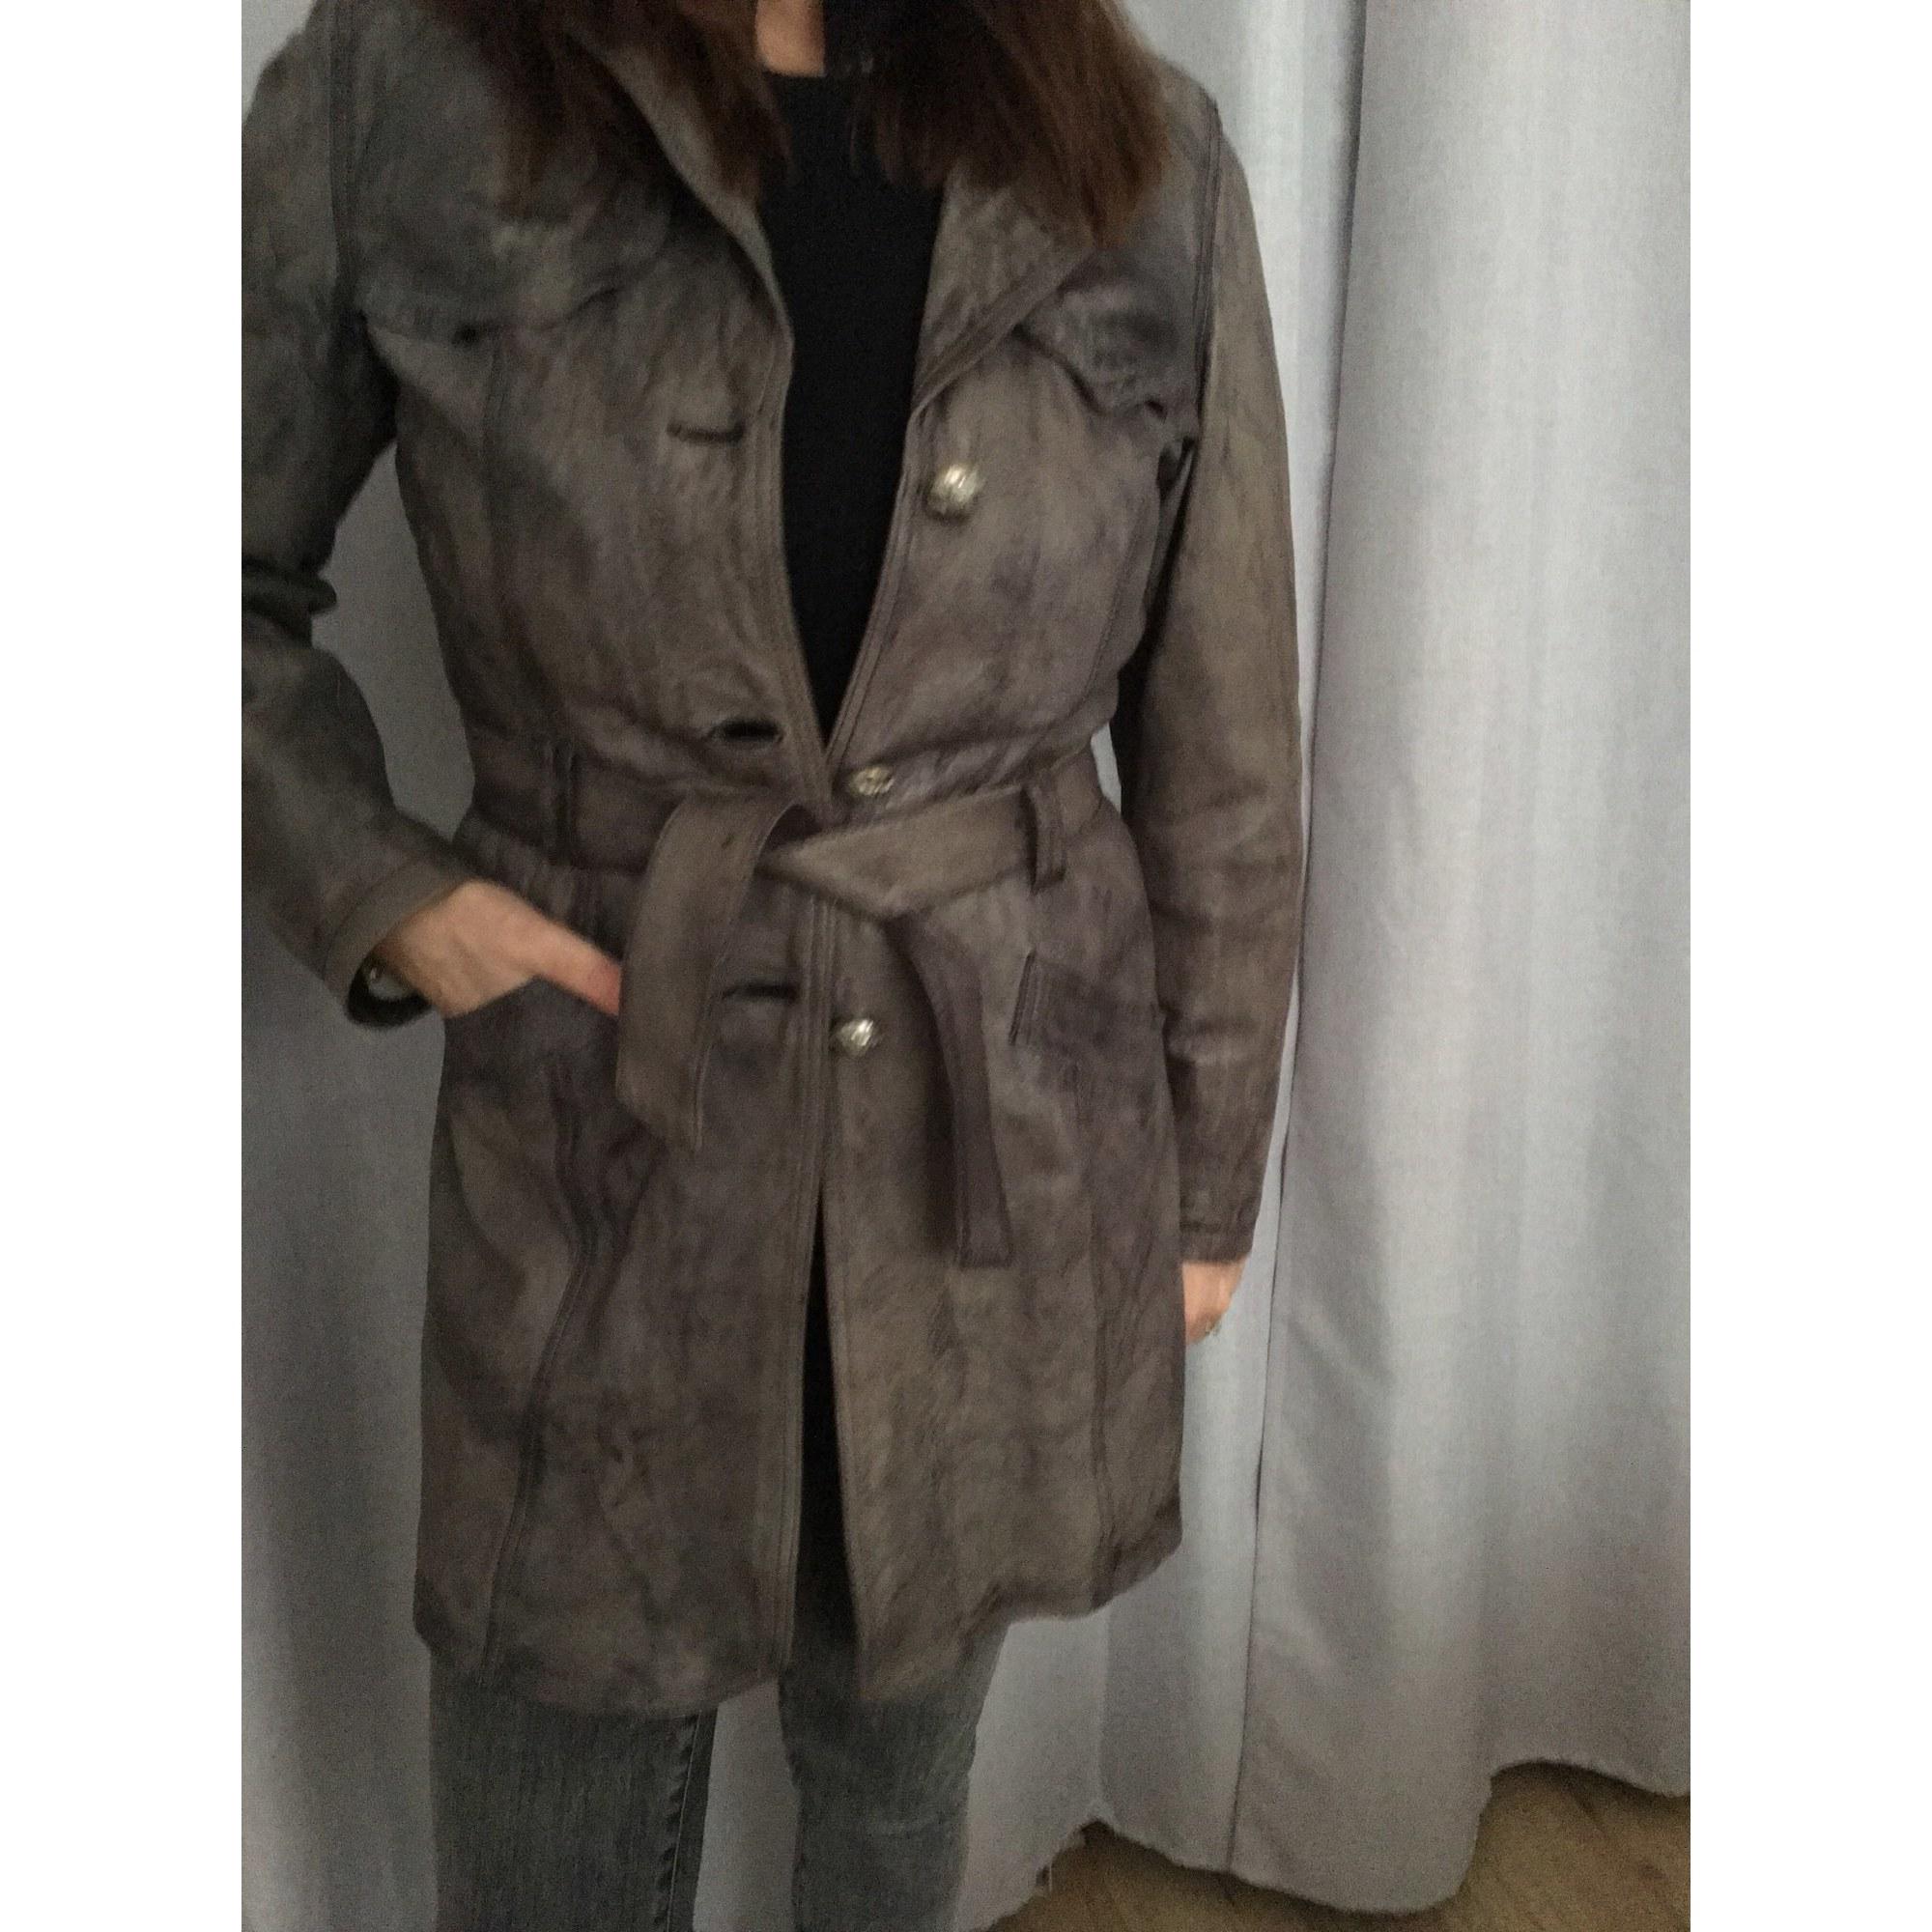 Manteau en cuir OAKWOOD Argenté, acier